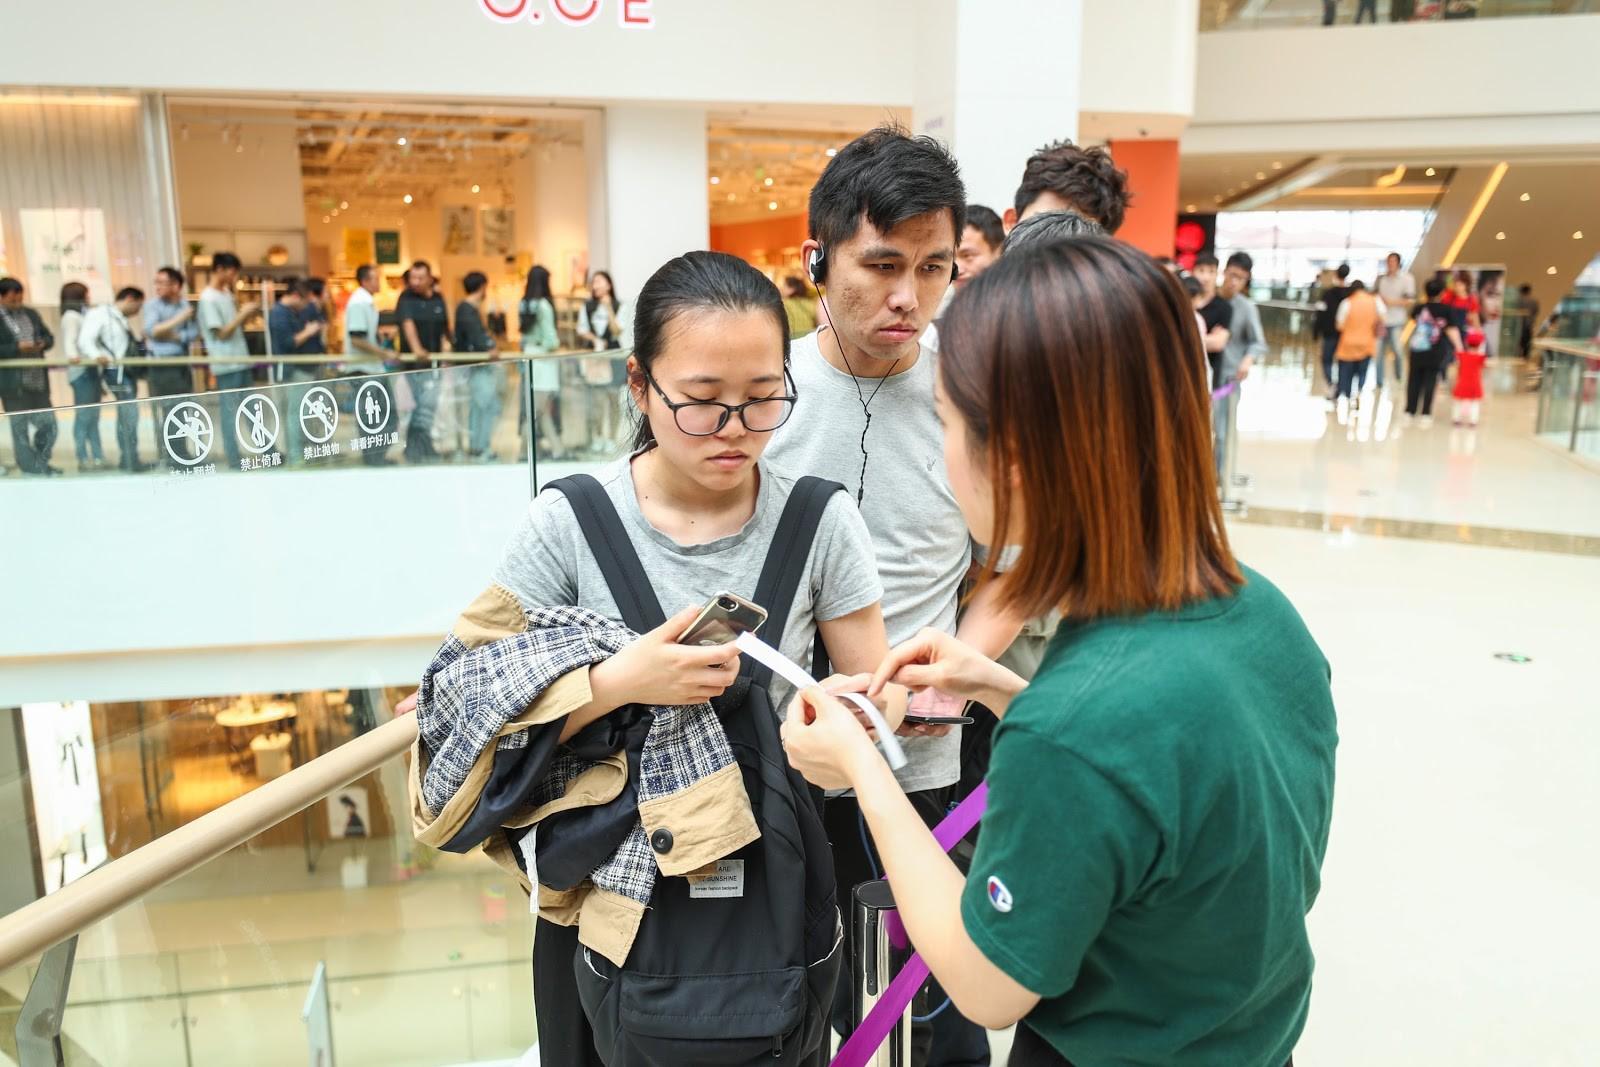 Giới trẻ Trung Quốc đổ xô đi mua trà sữa có giá siêu đắt 1,7 triệu/cốc, lý do đằng sau khiến nhiều người nể phục - Ảnh 7.